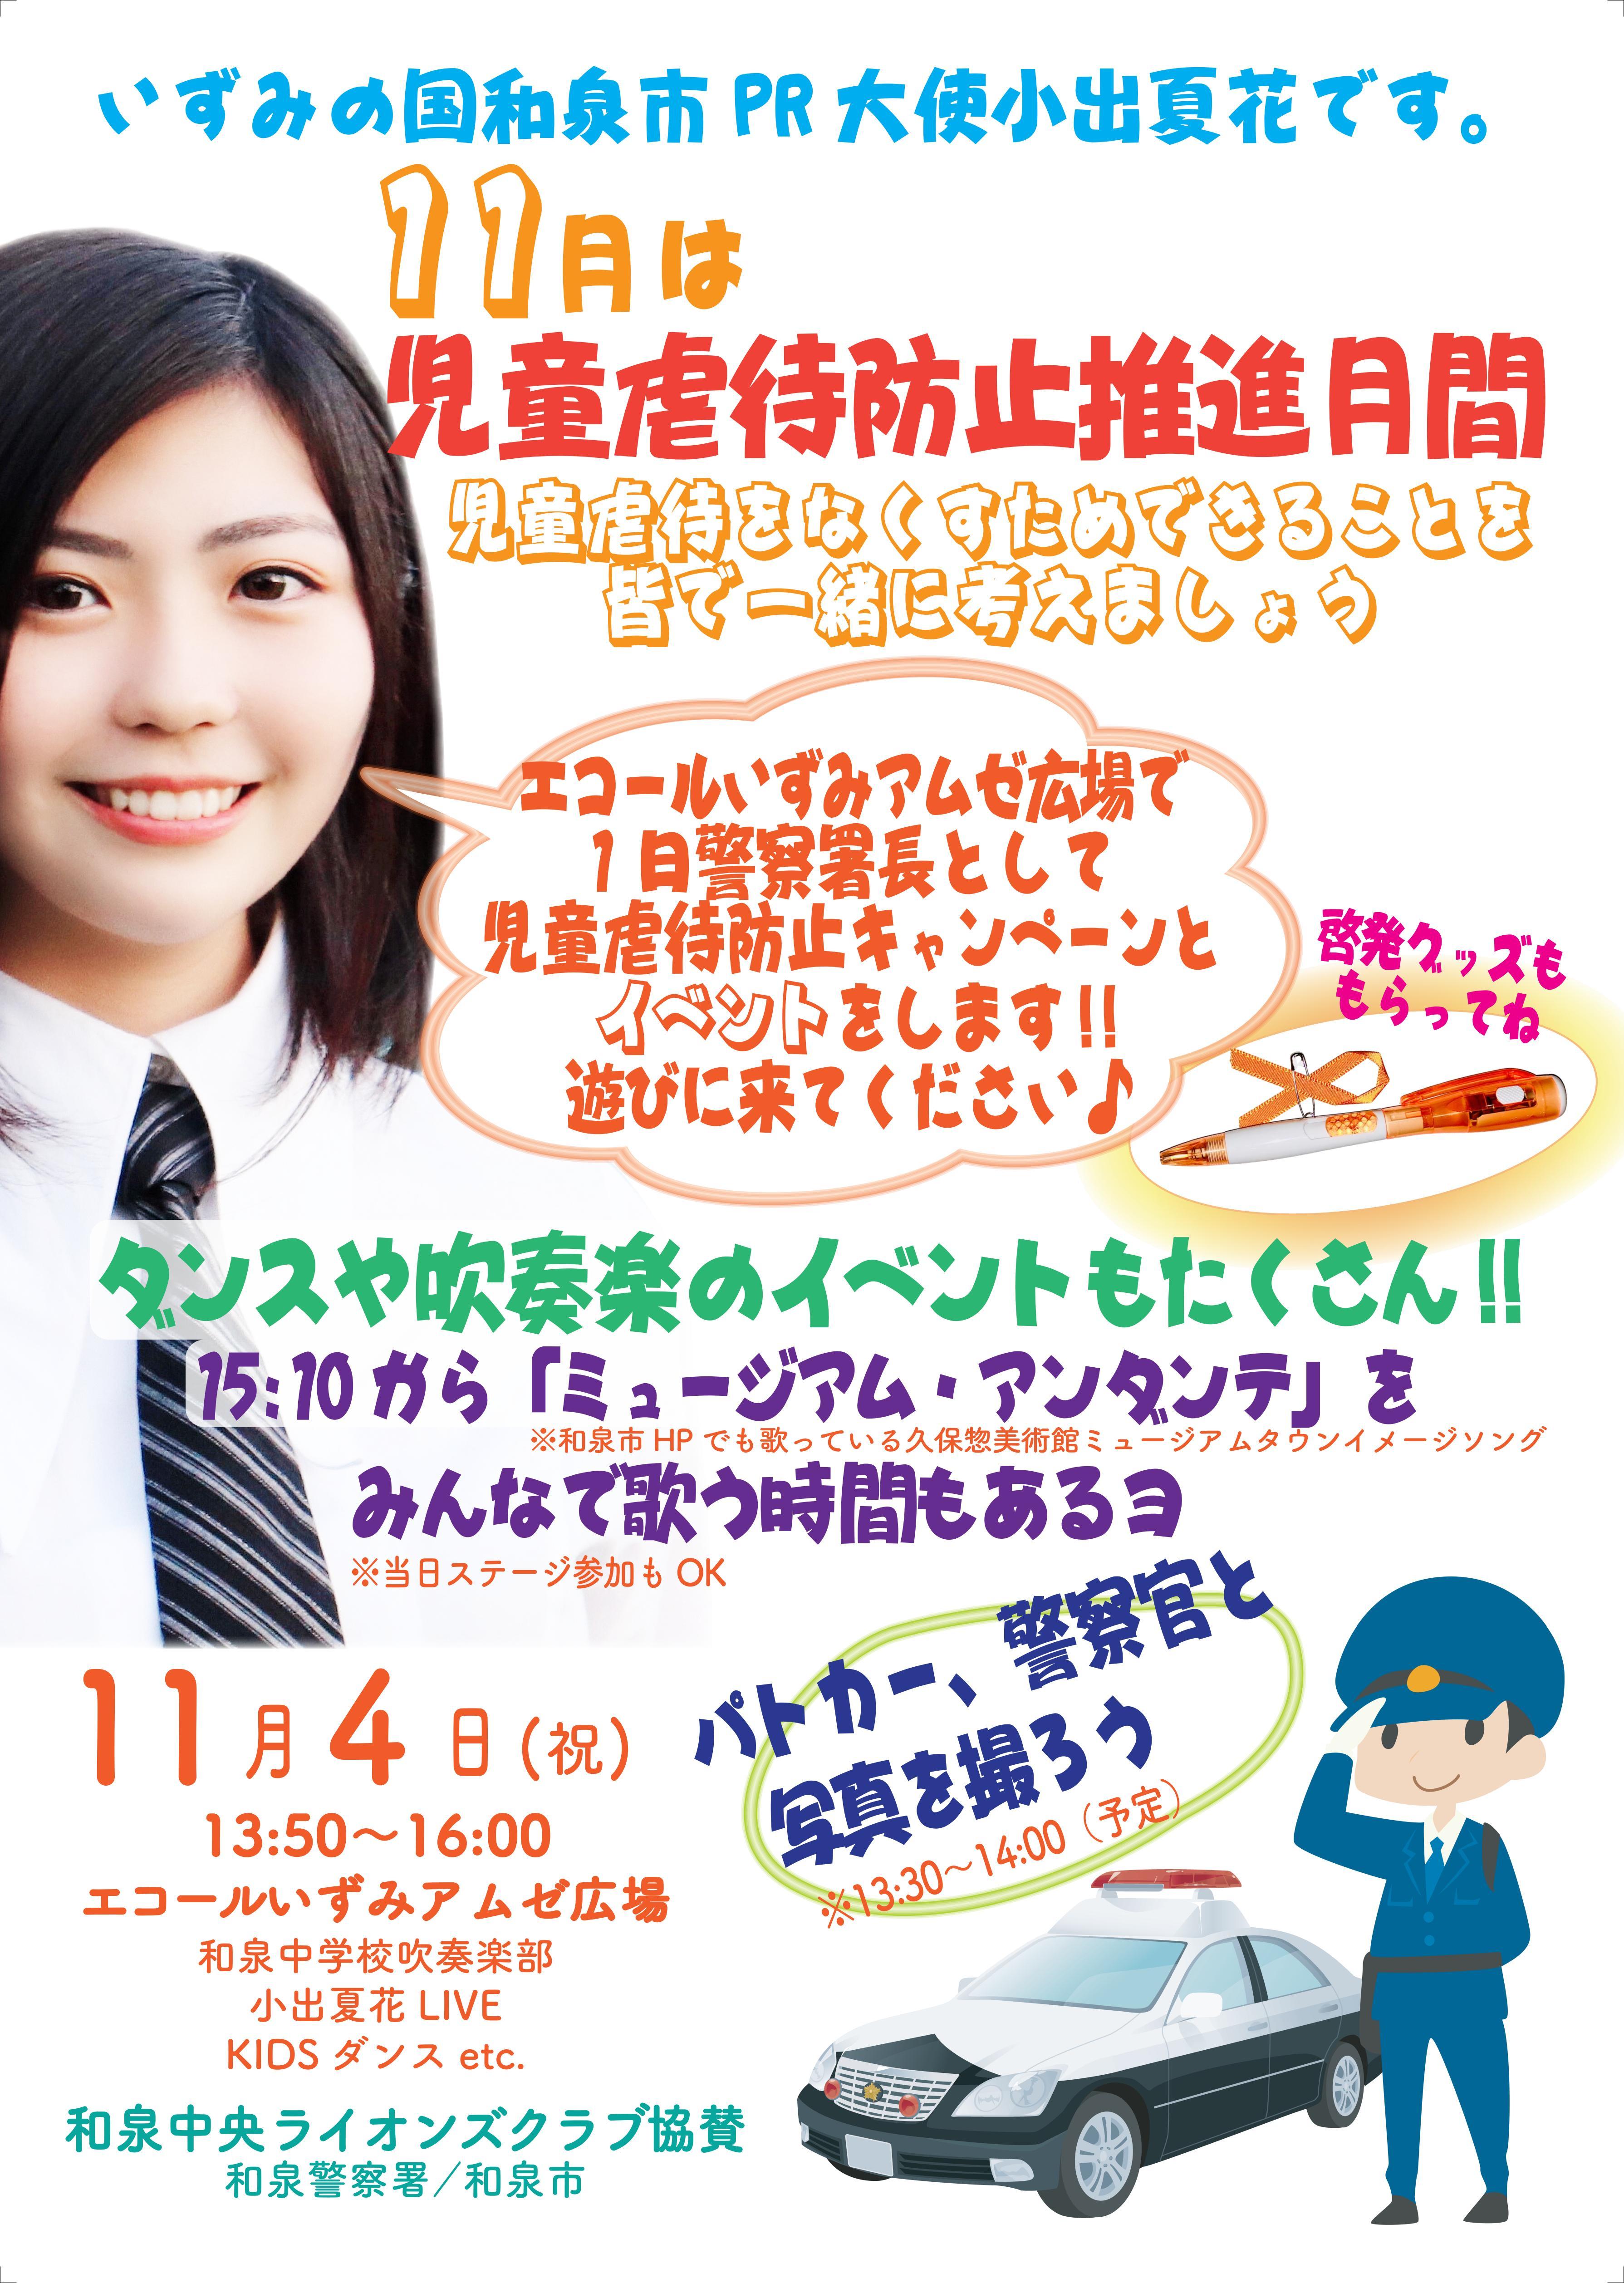 【終了】♪♪いずみの国和泉市PR大使  小出夏花さんと歌おう♪♪